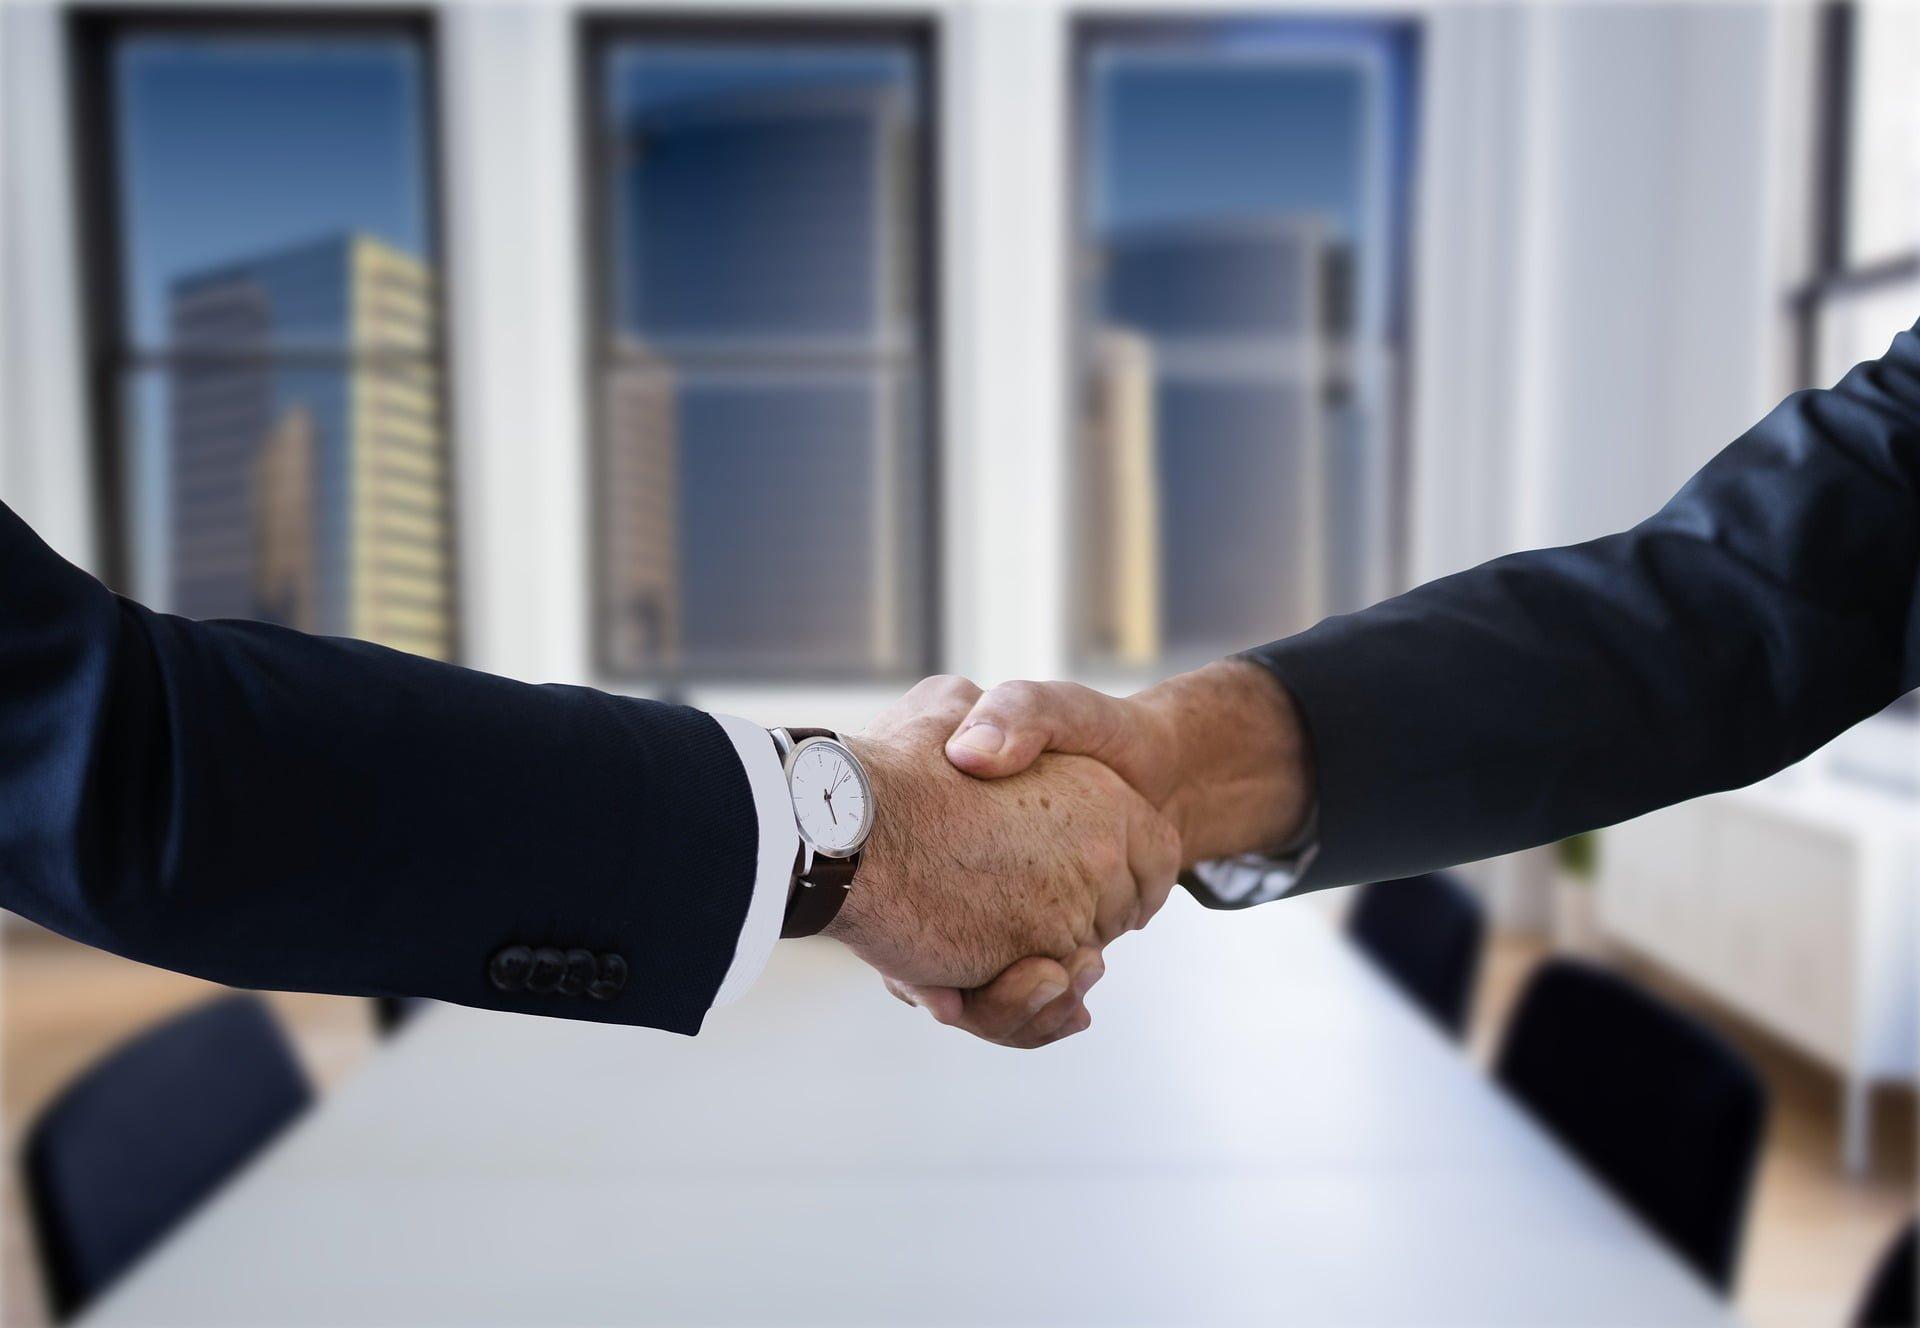 EMI з SEPA і SWIFT акаунтами в Литві на продаж